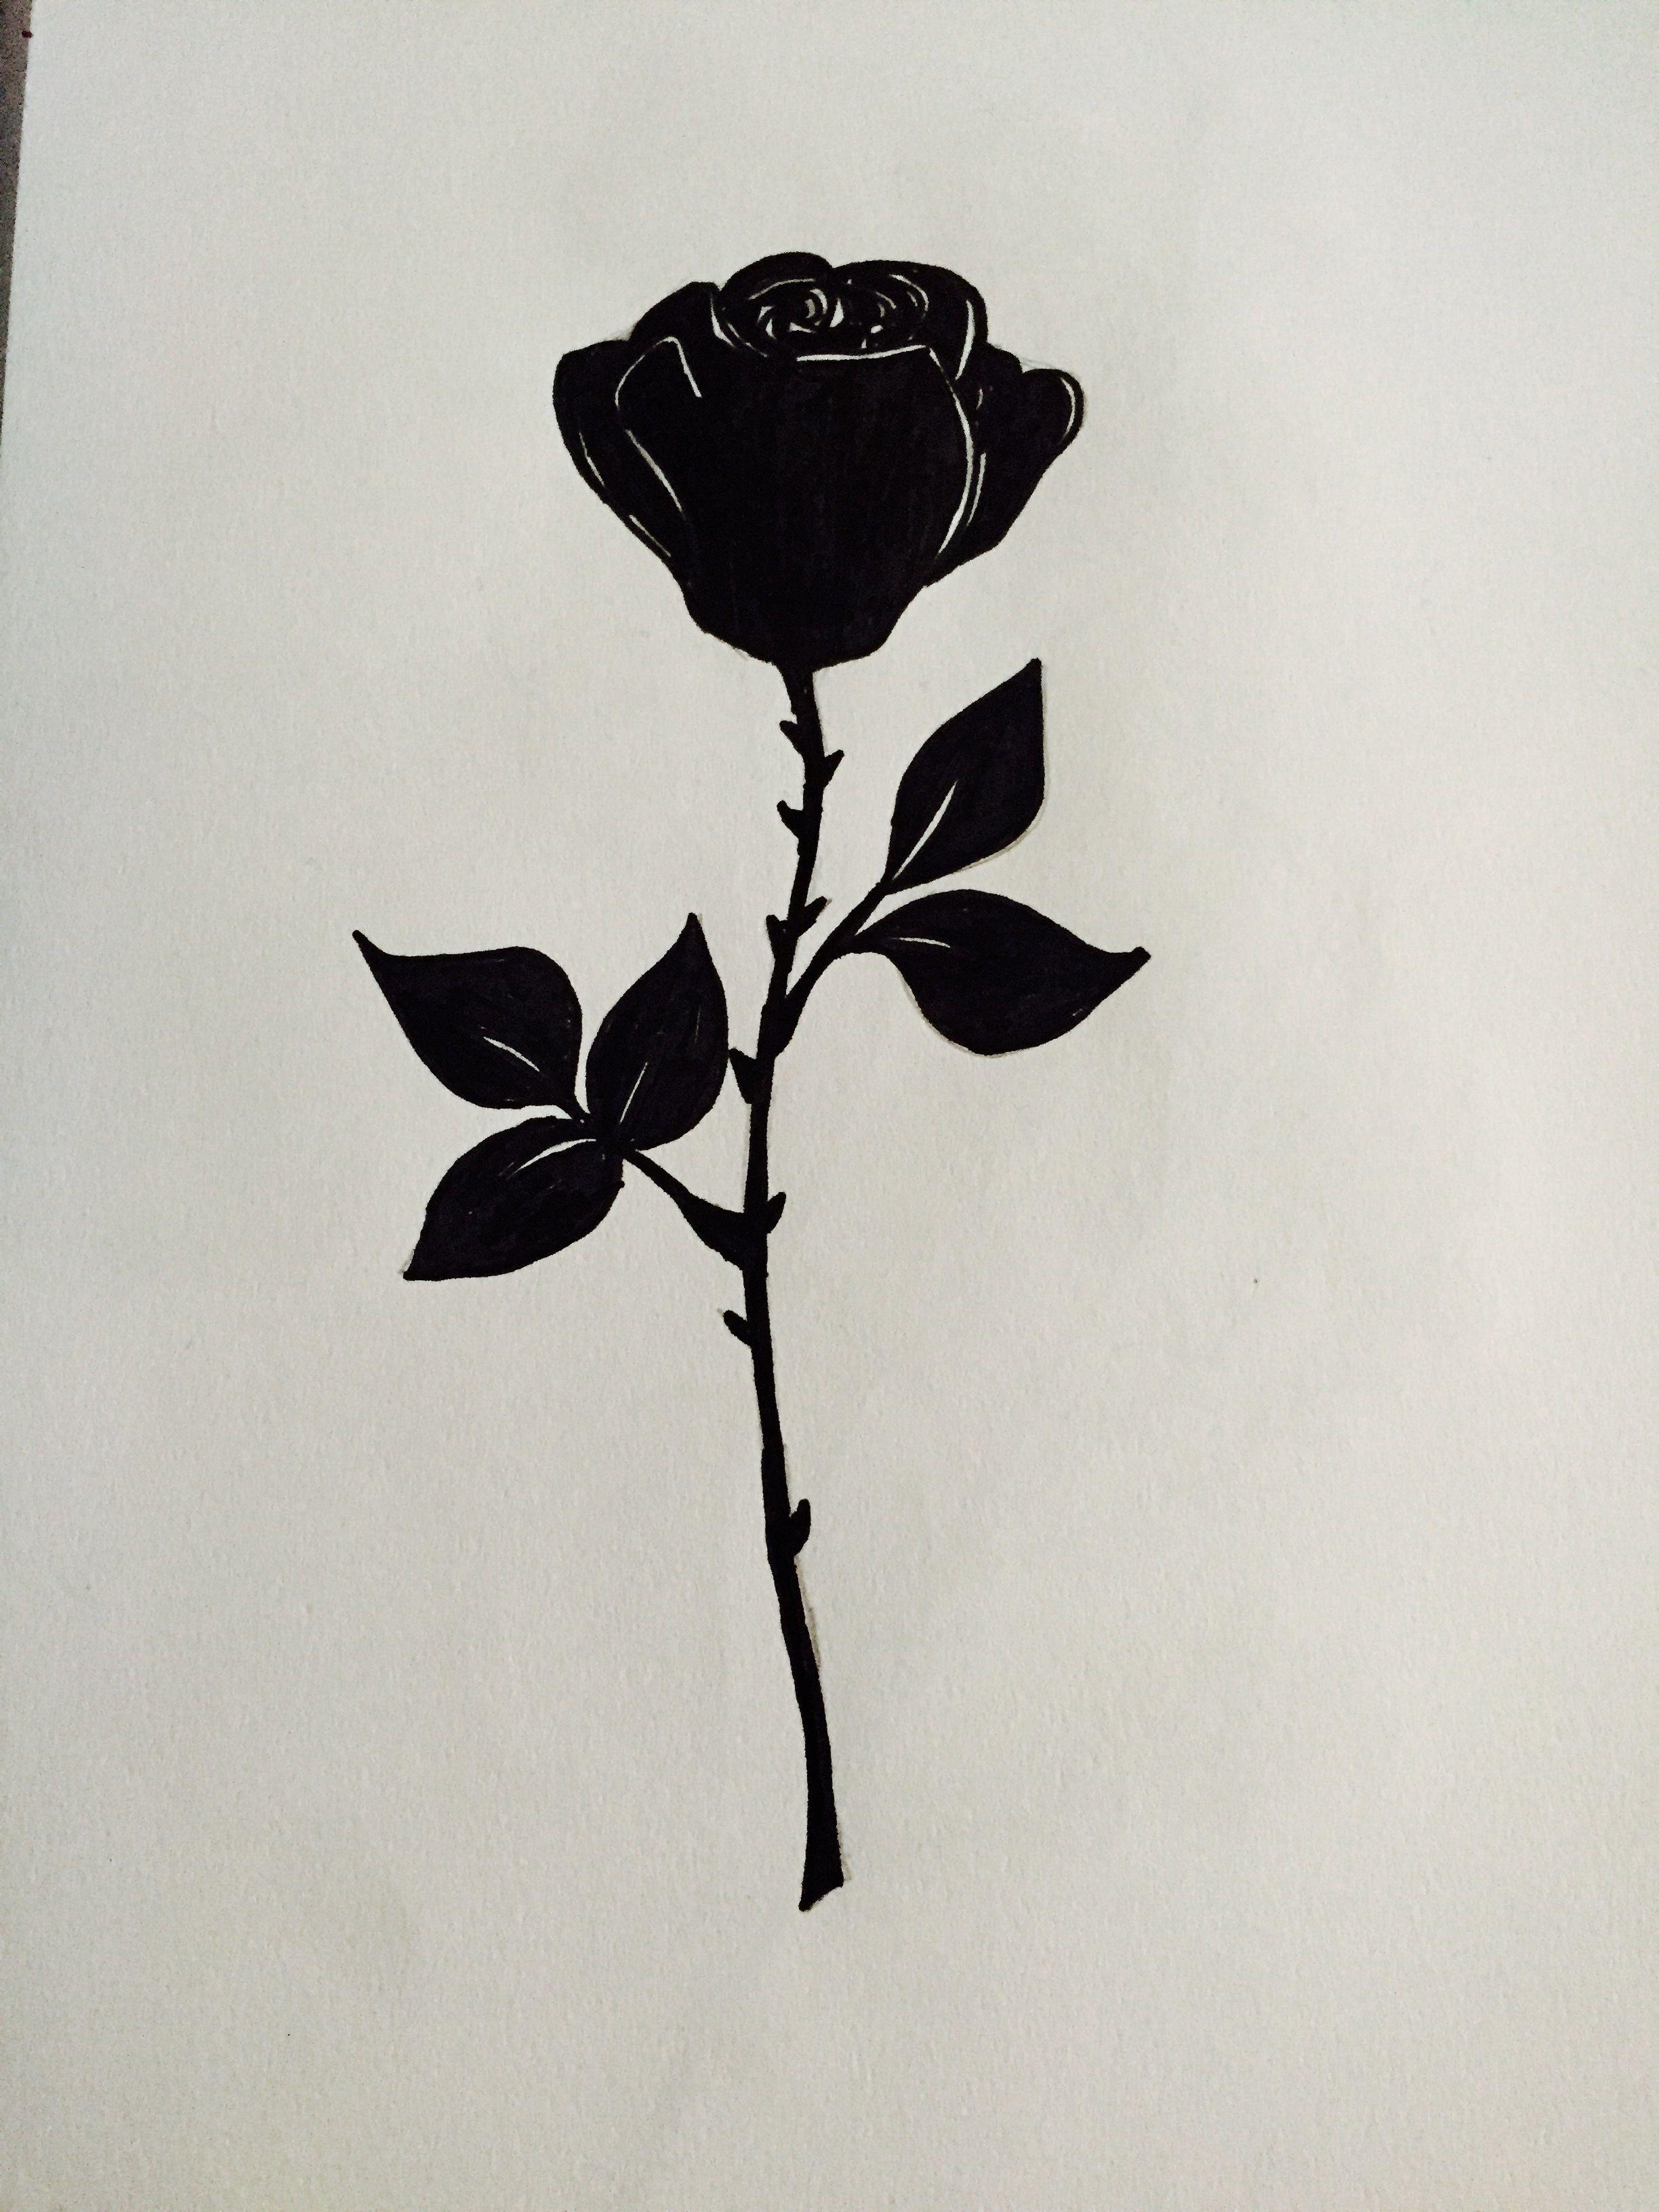 Pin De Onur Tepe Em Vektor All Tatuagem Rosa Preta Tatuagem No